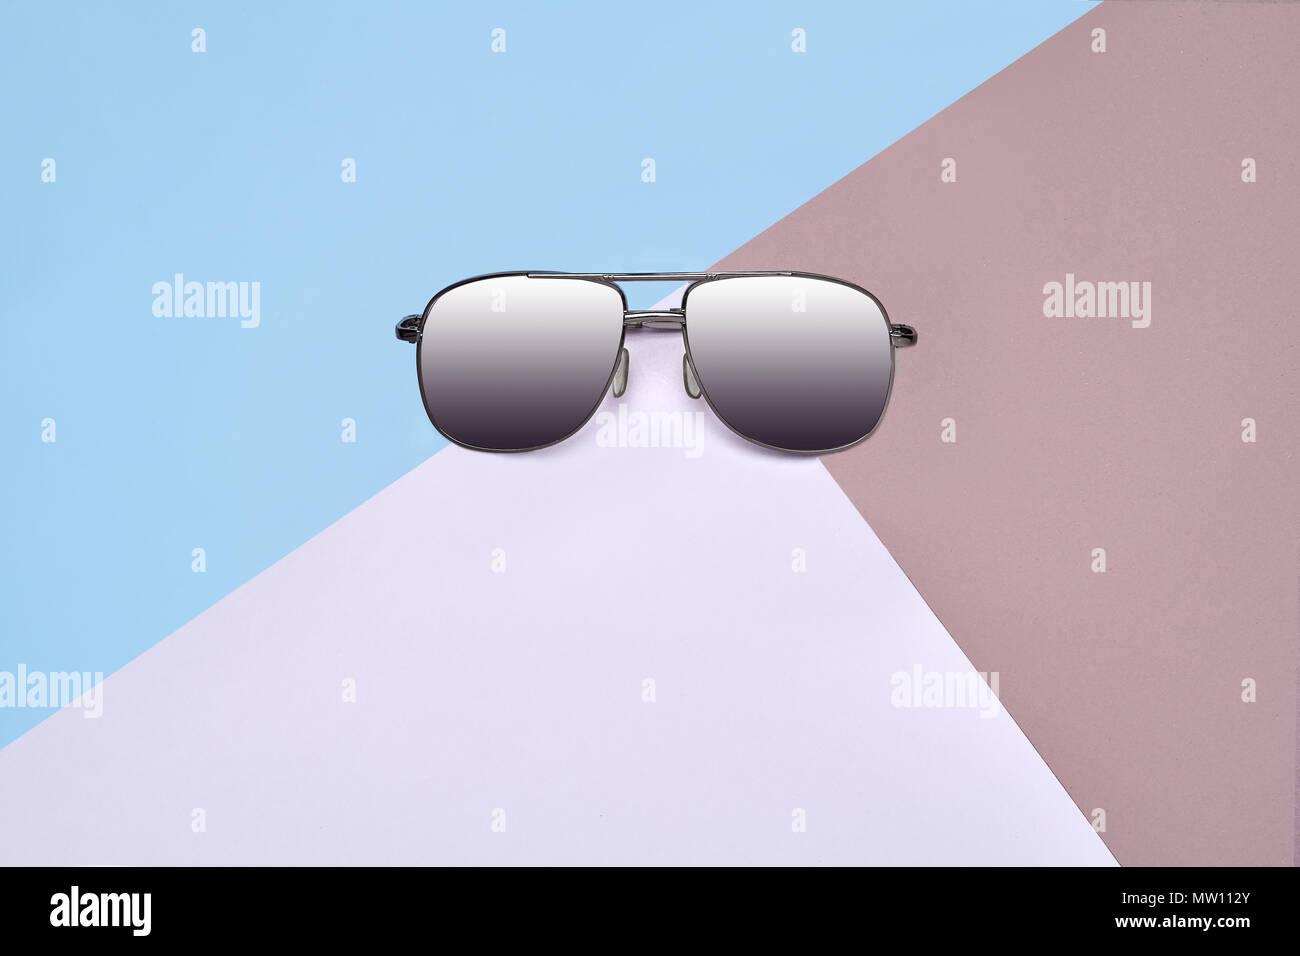 Minimalistischer Stil Minimalistische Mode Fotografie Mode